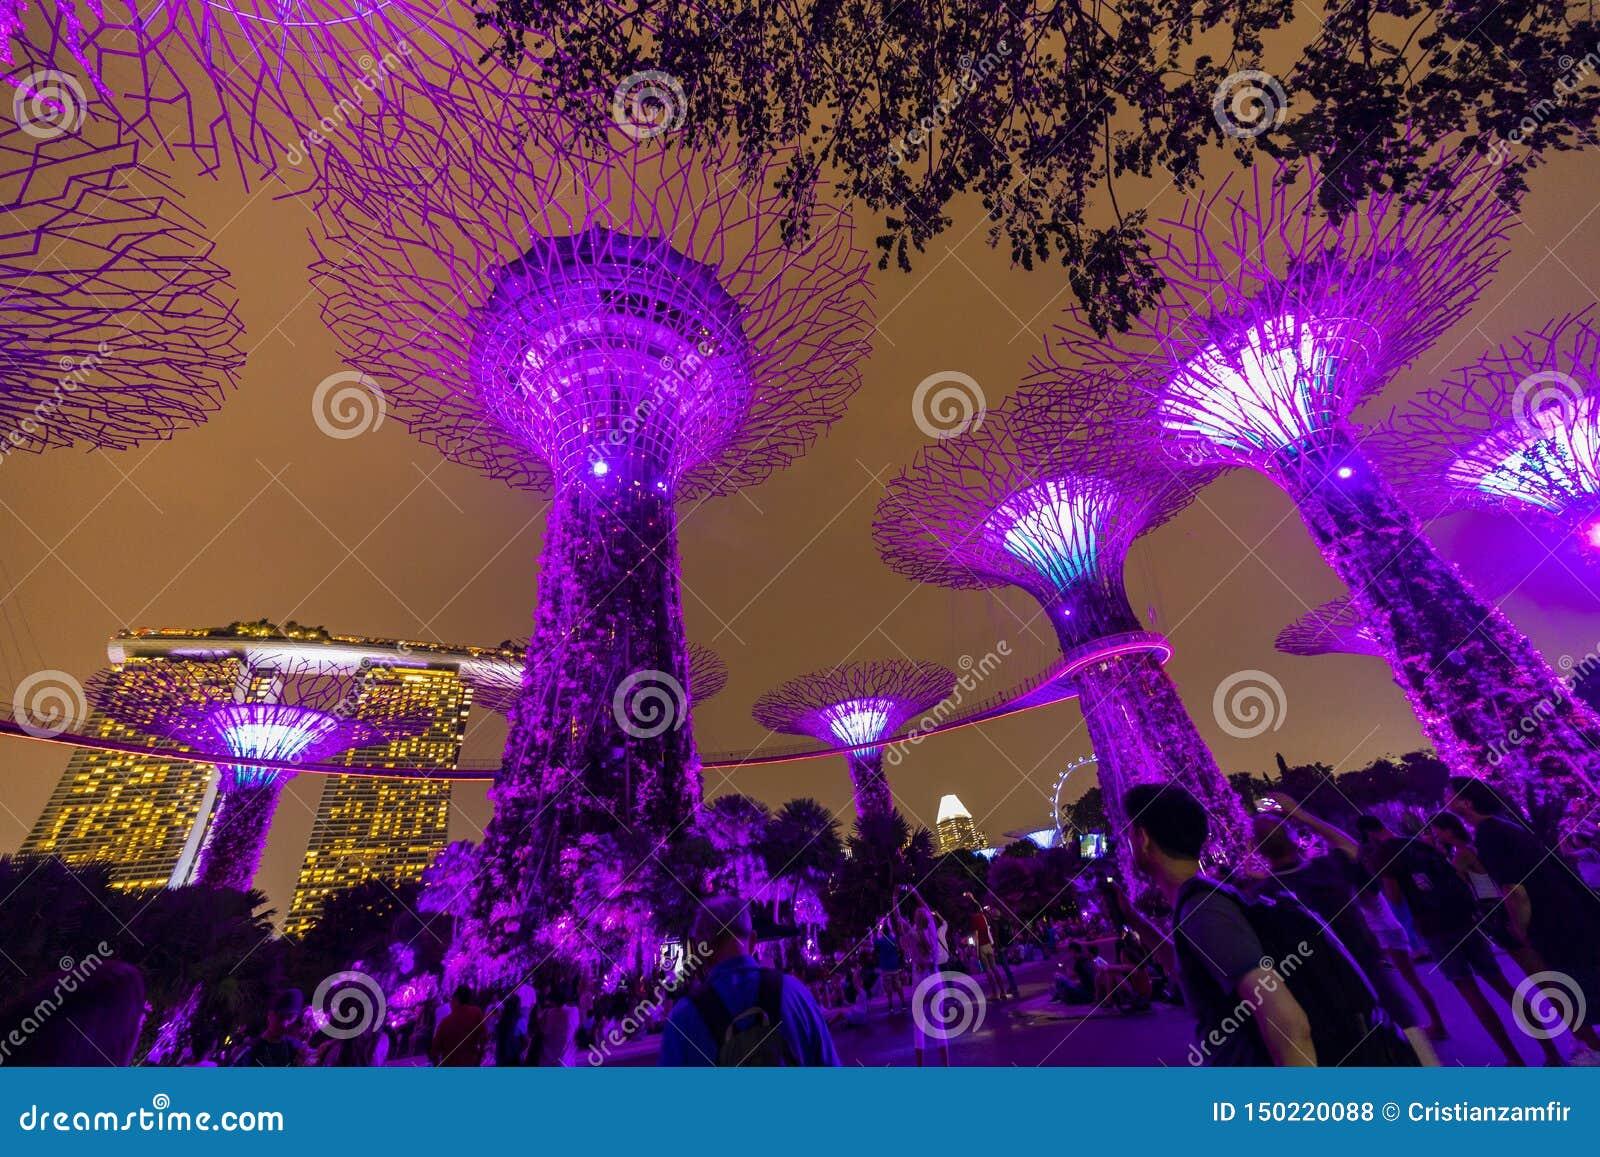 Ορίζοντας νύχτας της Σιγκαπούρης στους κήπους από τον κόλπο Άλσος SuperTree κάτω από τον μπλε νυχτερινό ουρανό στη Σιγκαπούρη